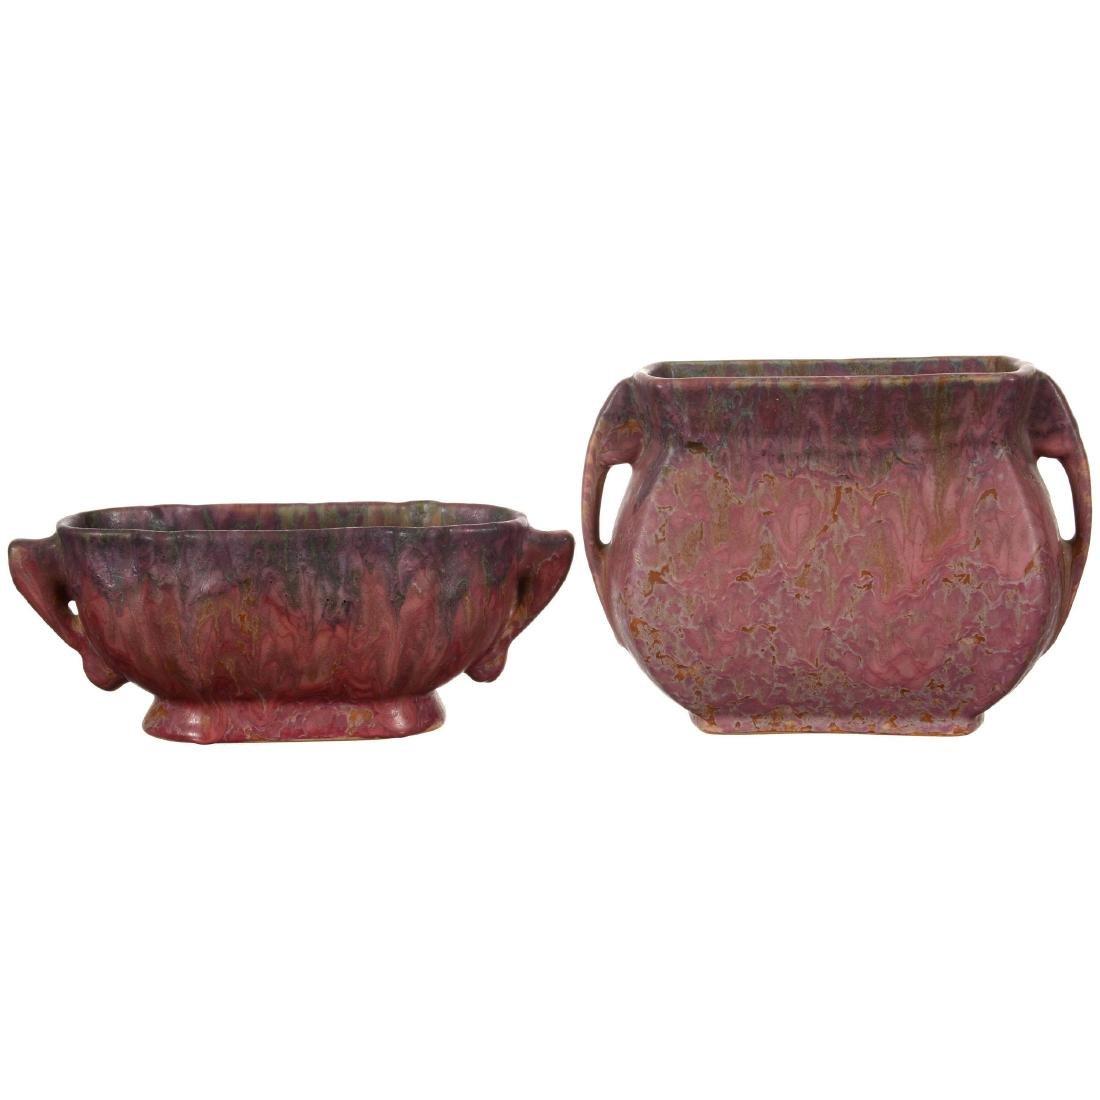 (2) Unmarked Roseville Art Pottery Vases